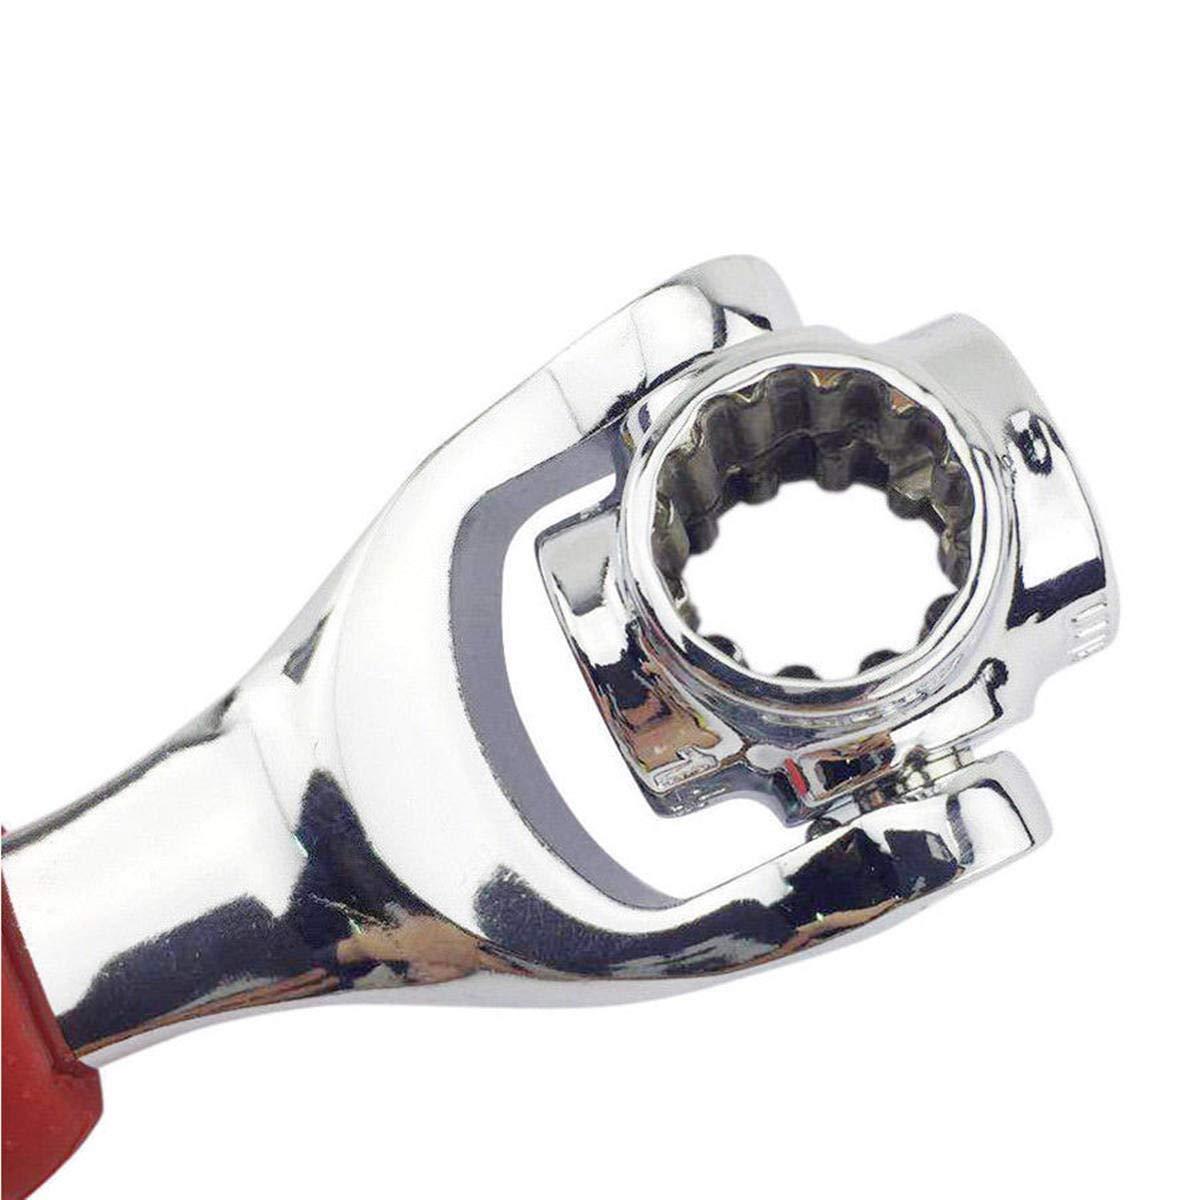 Llave multifuncional 48 en 1 for pernos estriados Todos los tama/ños Torx 360 /° Socket Tools Auto Repair Mano herramienta de la llave del hogar